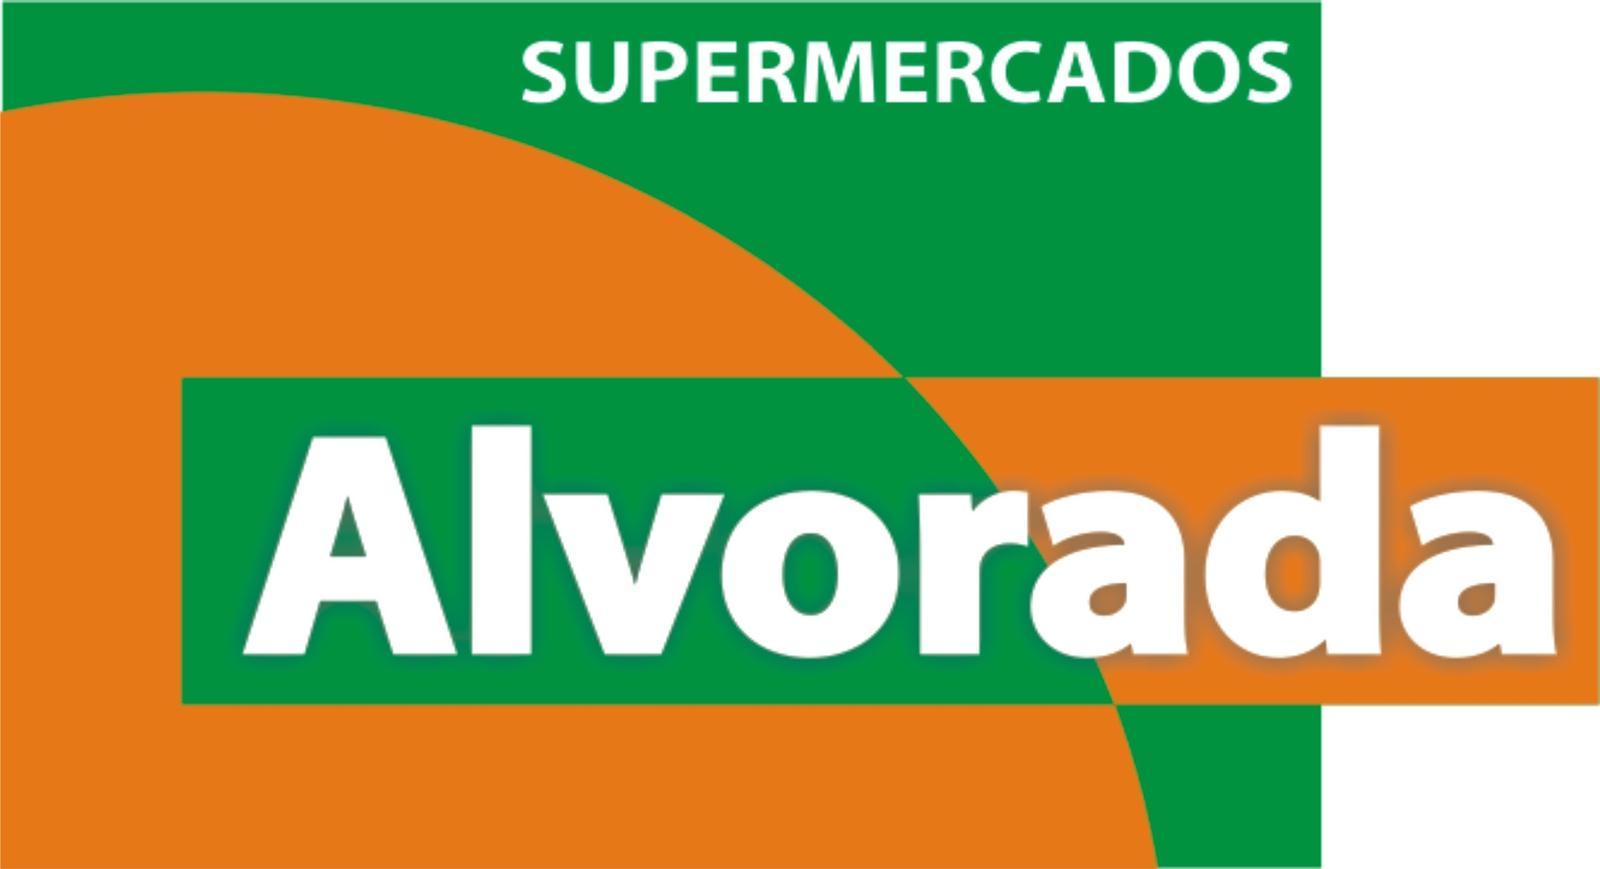 Supermercados Alvorada